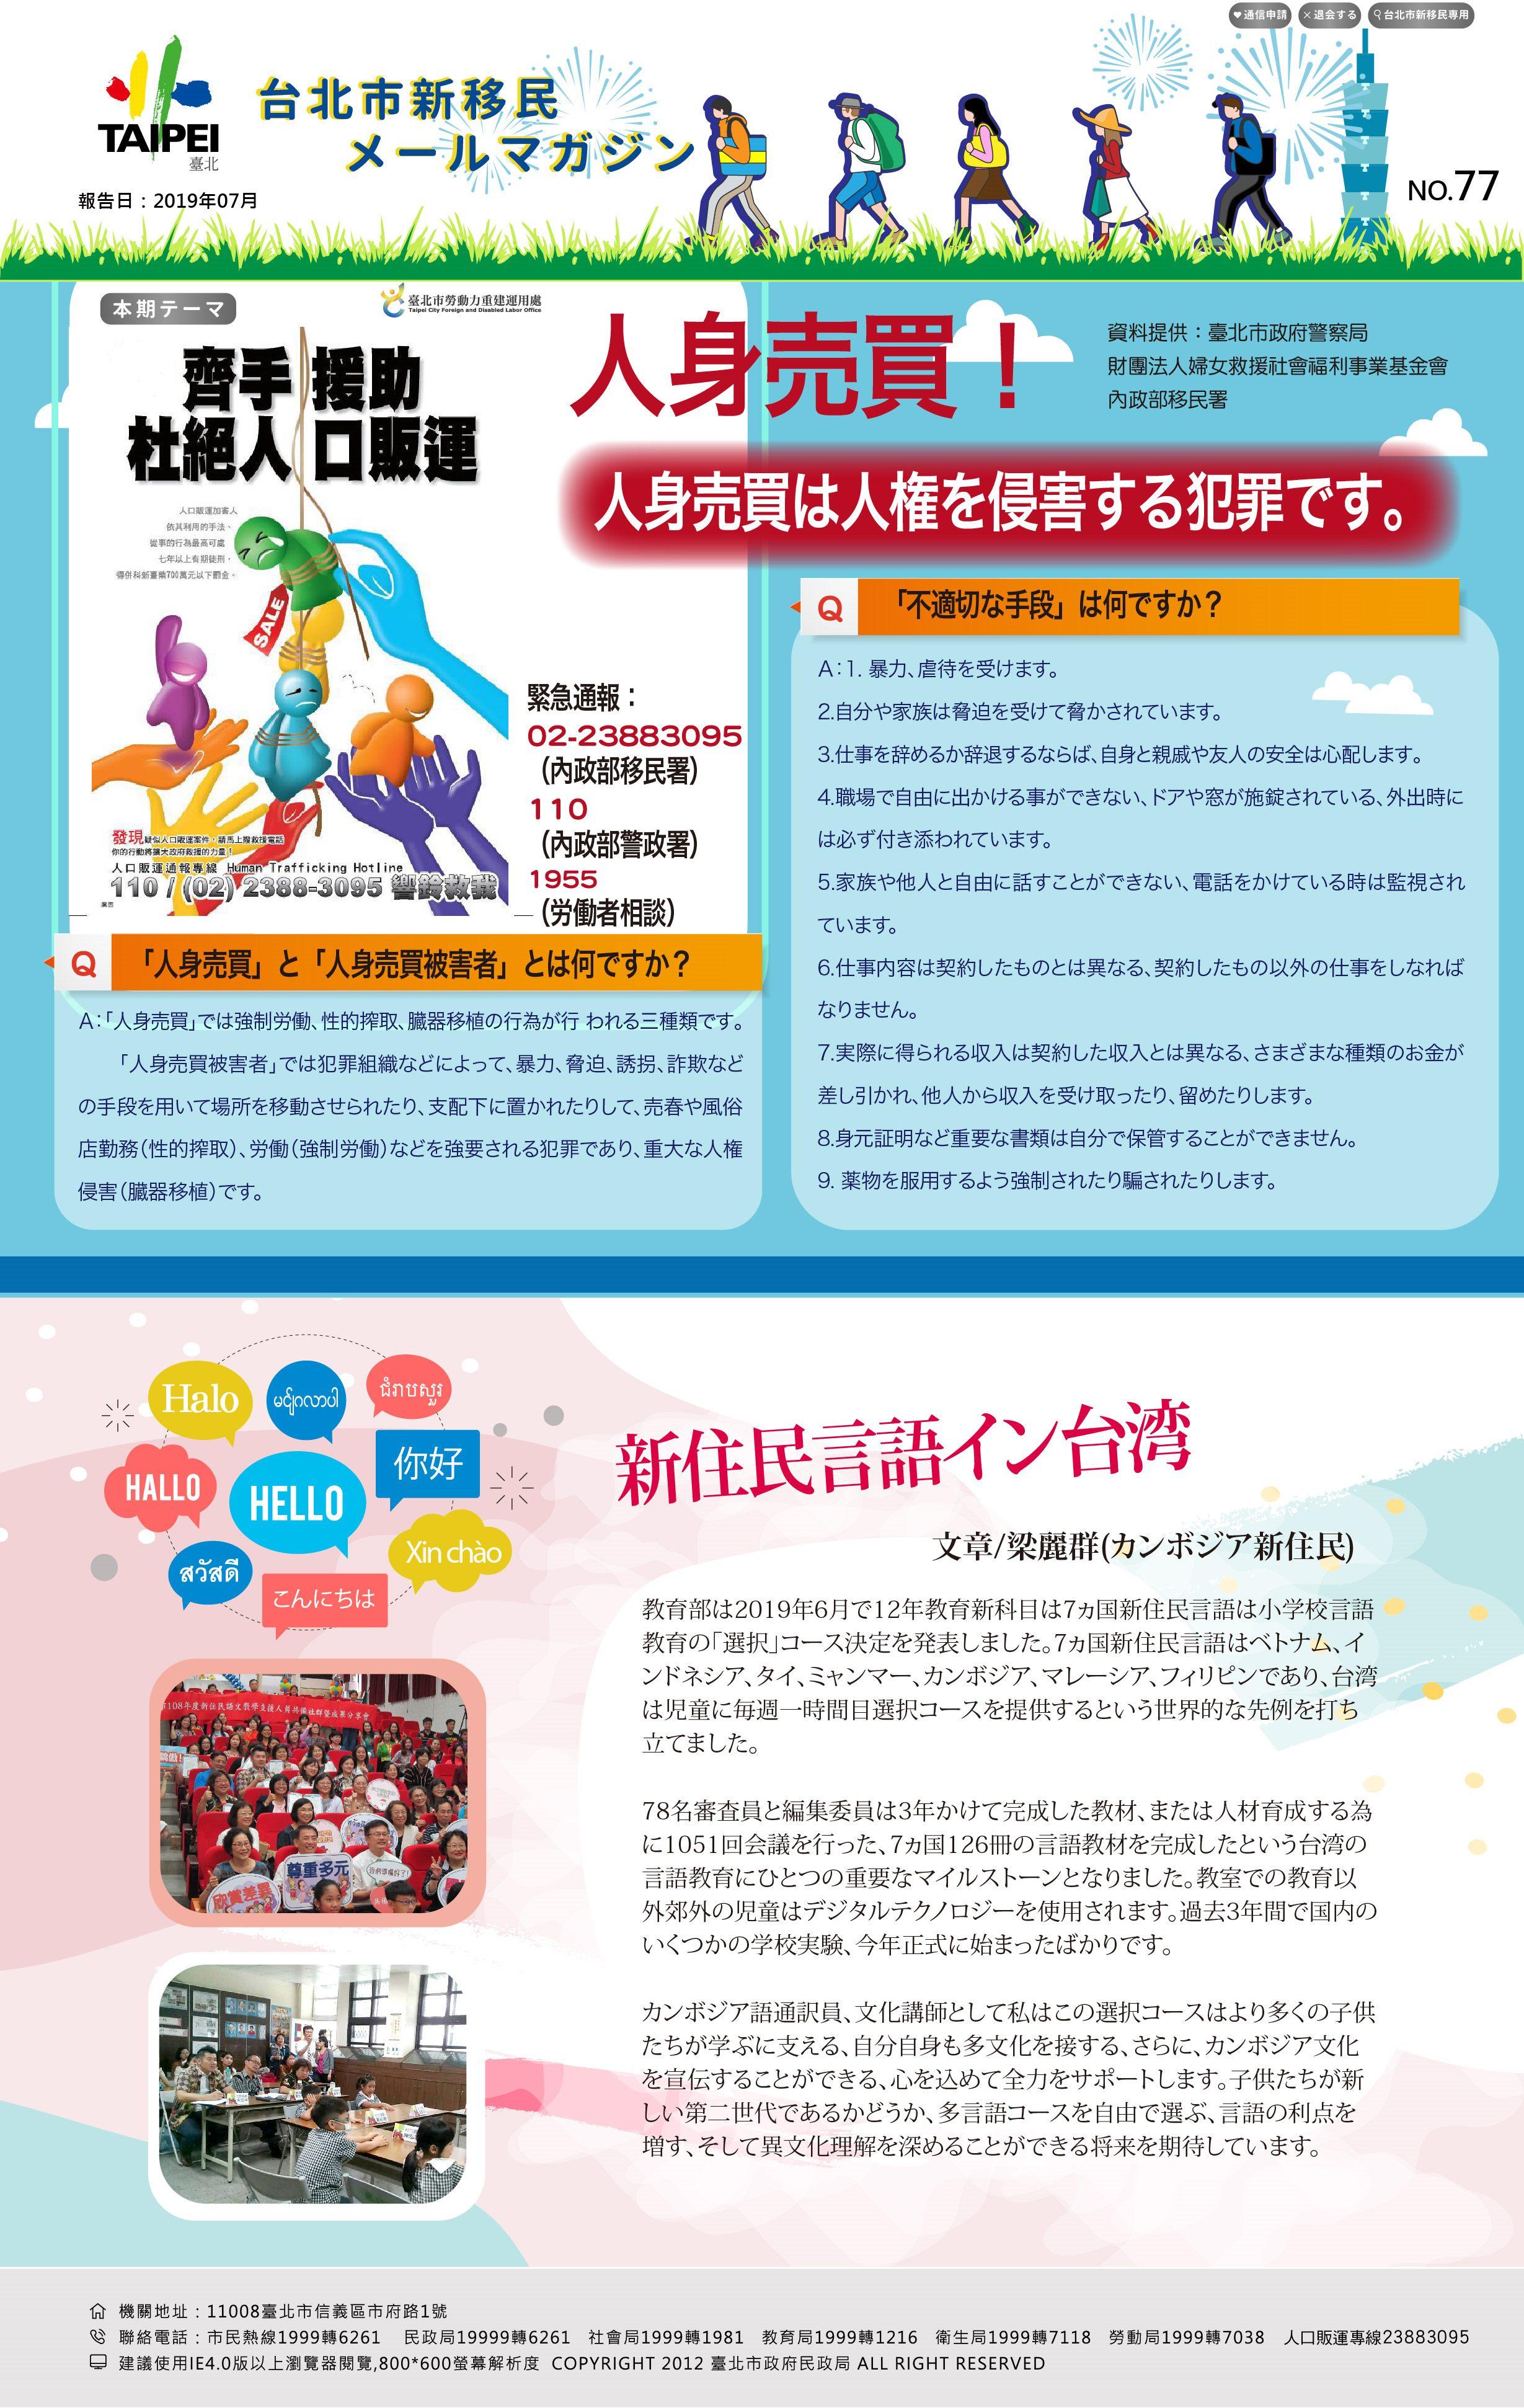 台北市新移民 メールマガジン 2019-07月号